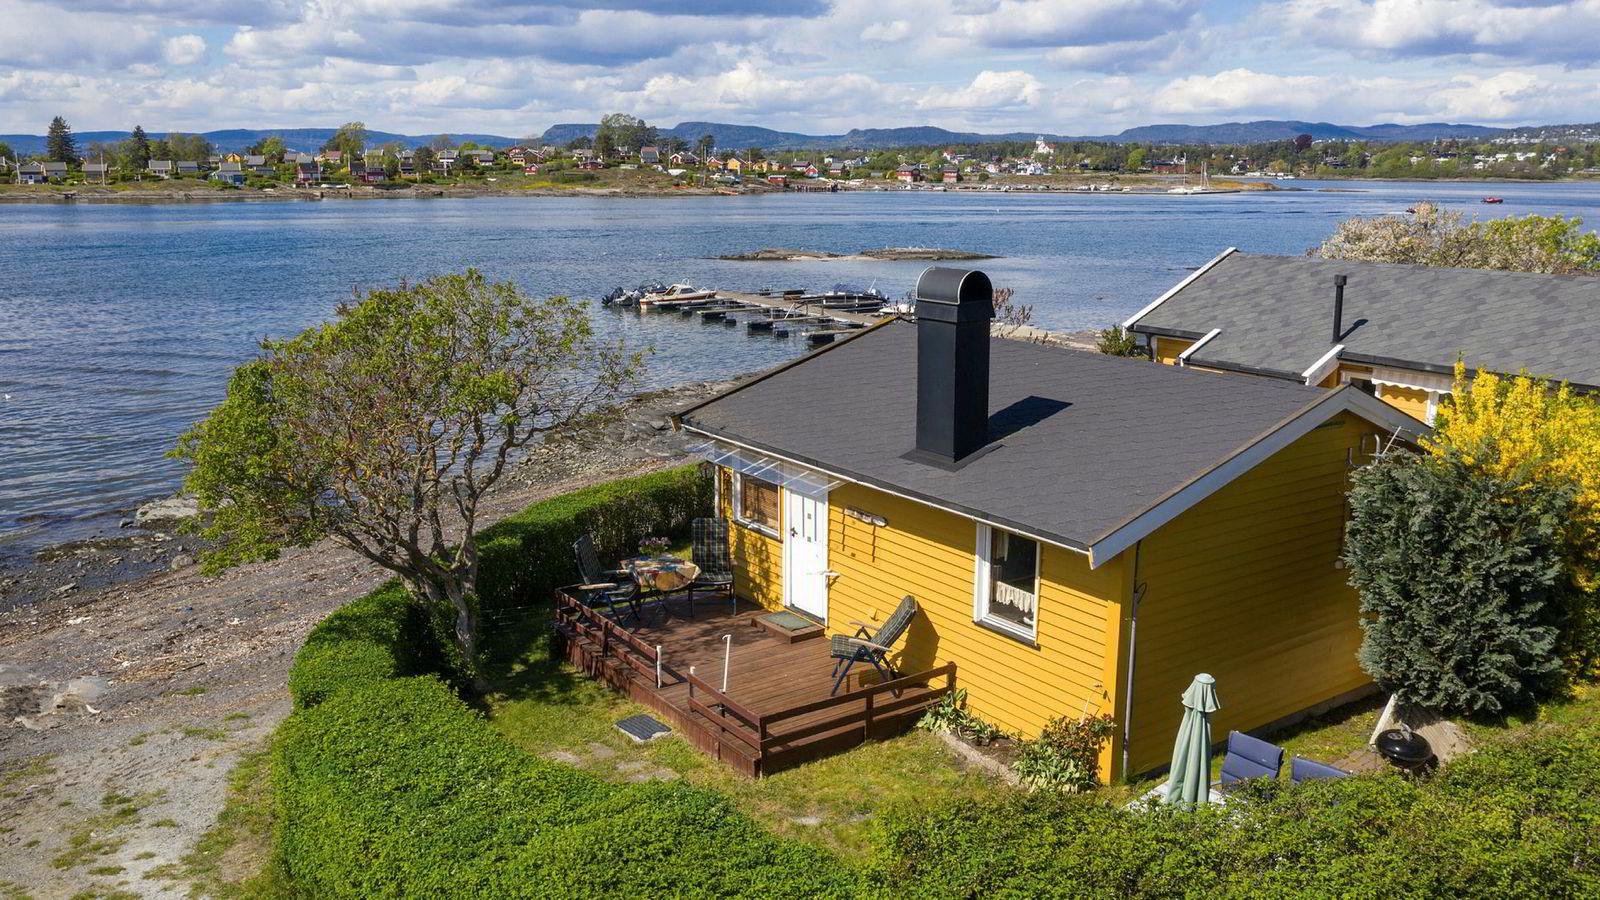 Den lille Lindøya-hytta til høyre i bildet ble solgt off market for 6,5 millioner kroner i fjor høst. Hytta i forgrunnen ble solgt for 5,3 millioner kroner denne uken.